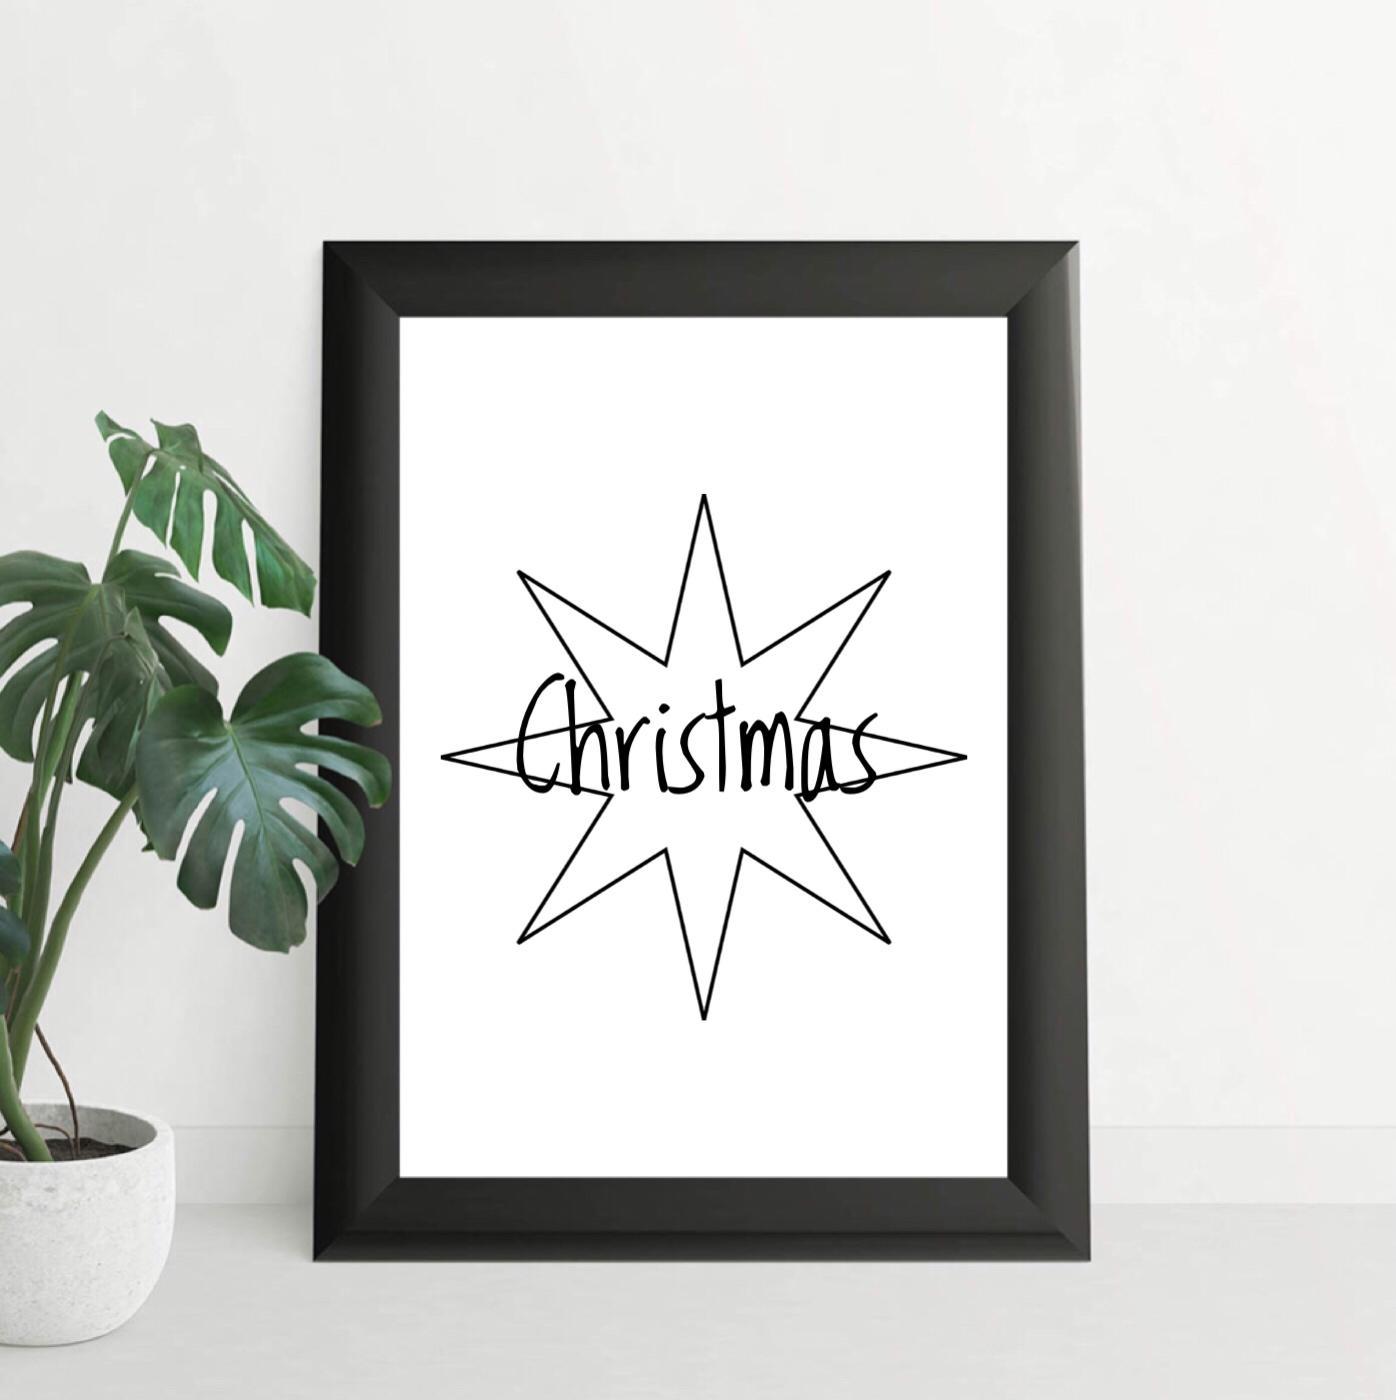 image regarding Christmas Star Printable referred to as Xmas Star Printable